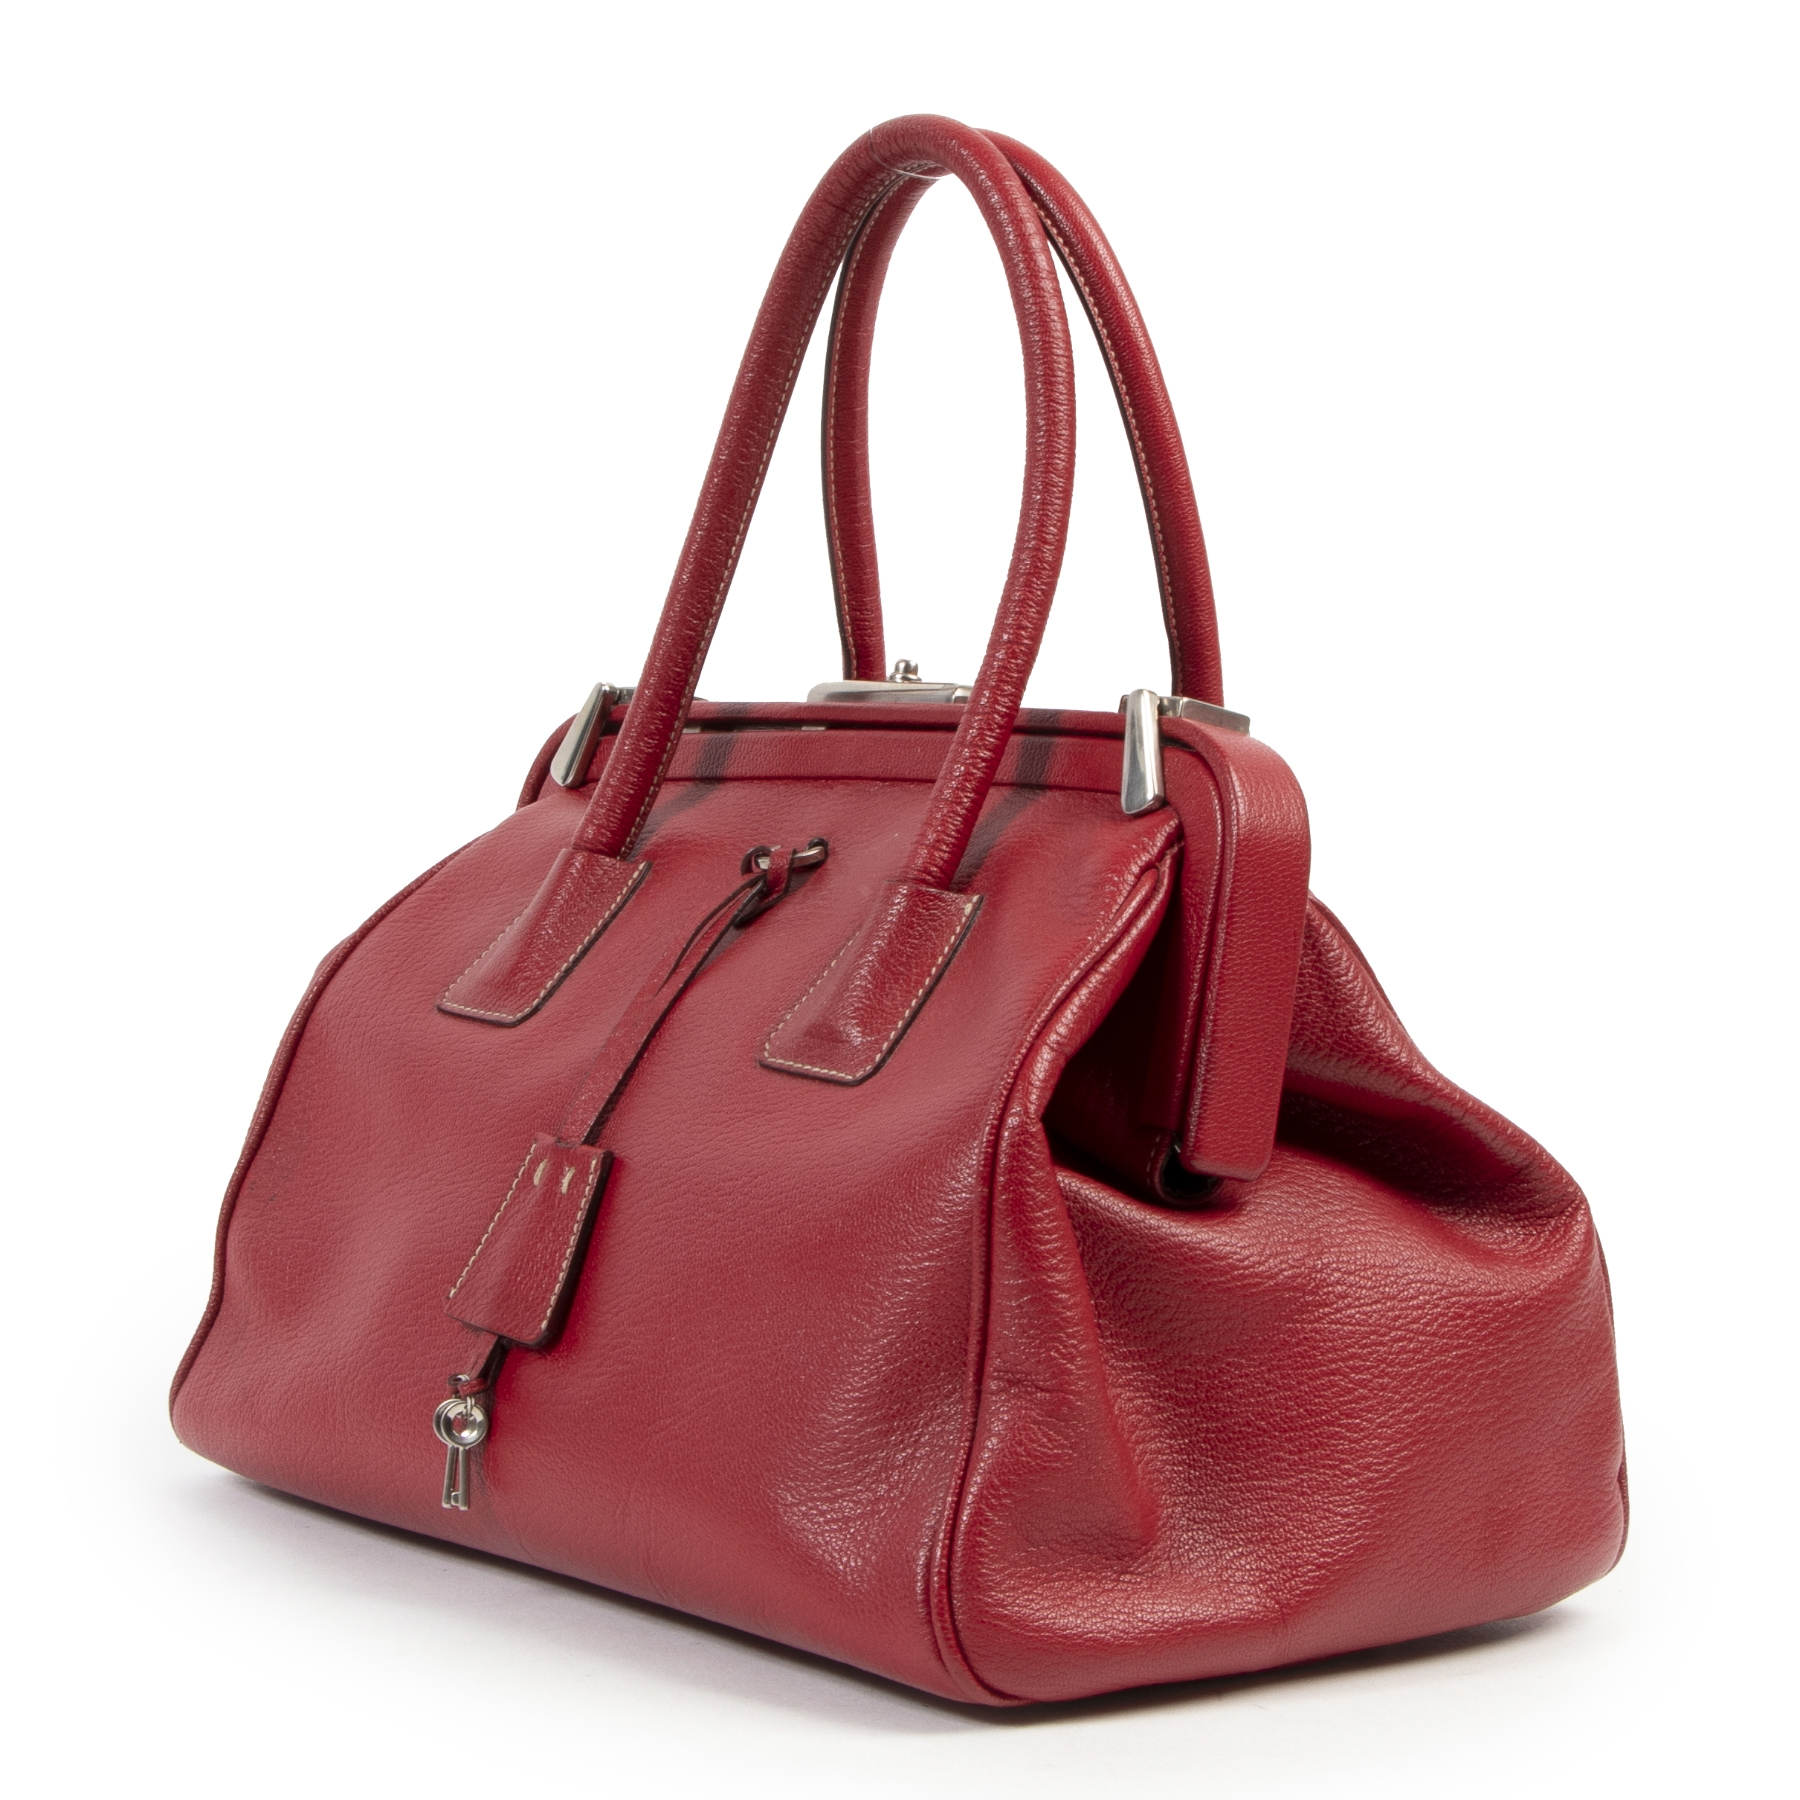 Koop authentieke tweedehands Prada handtassen met juiste prijs bij LabelLOV.